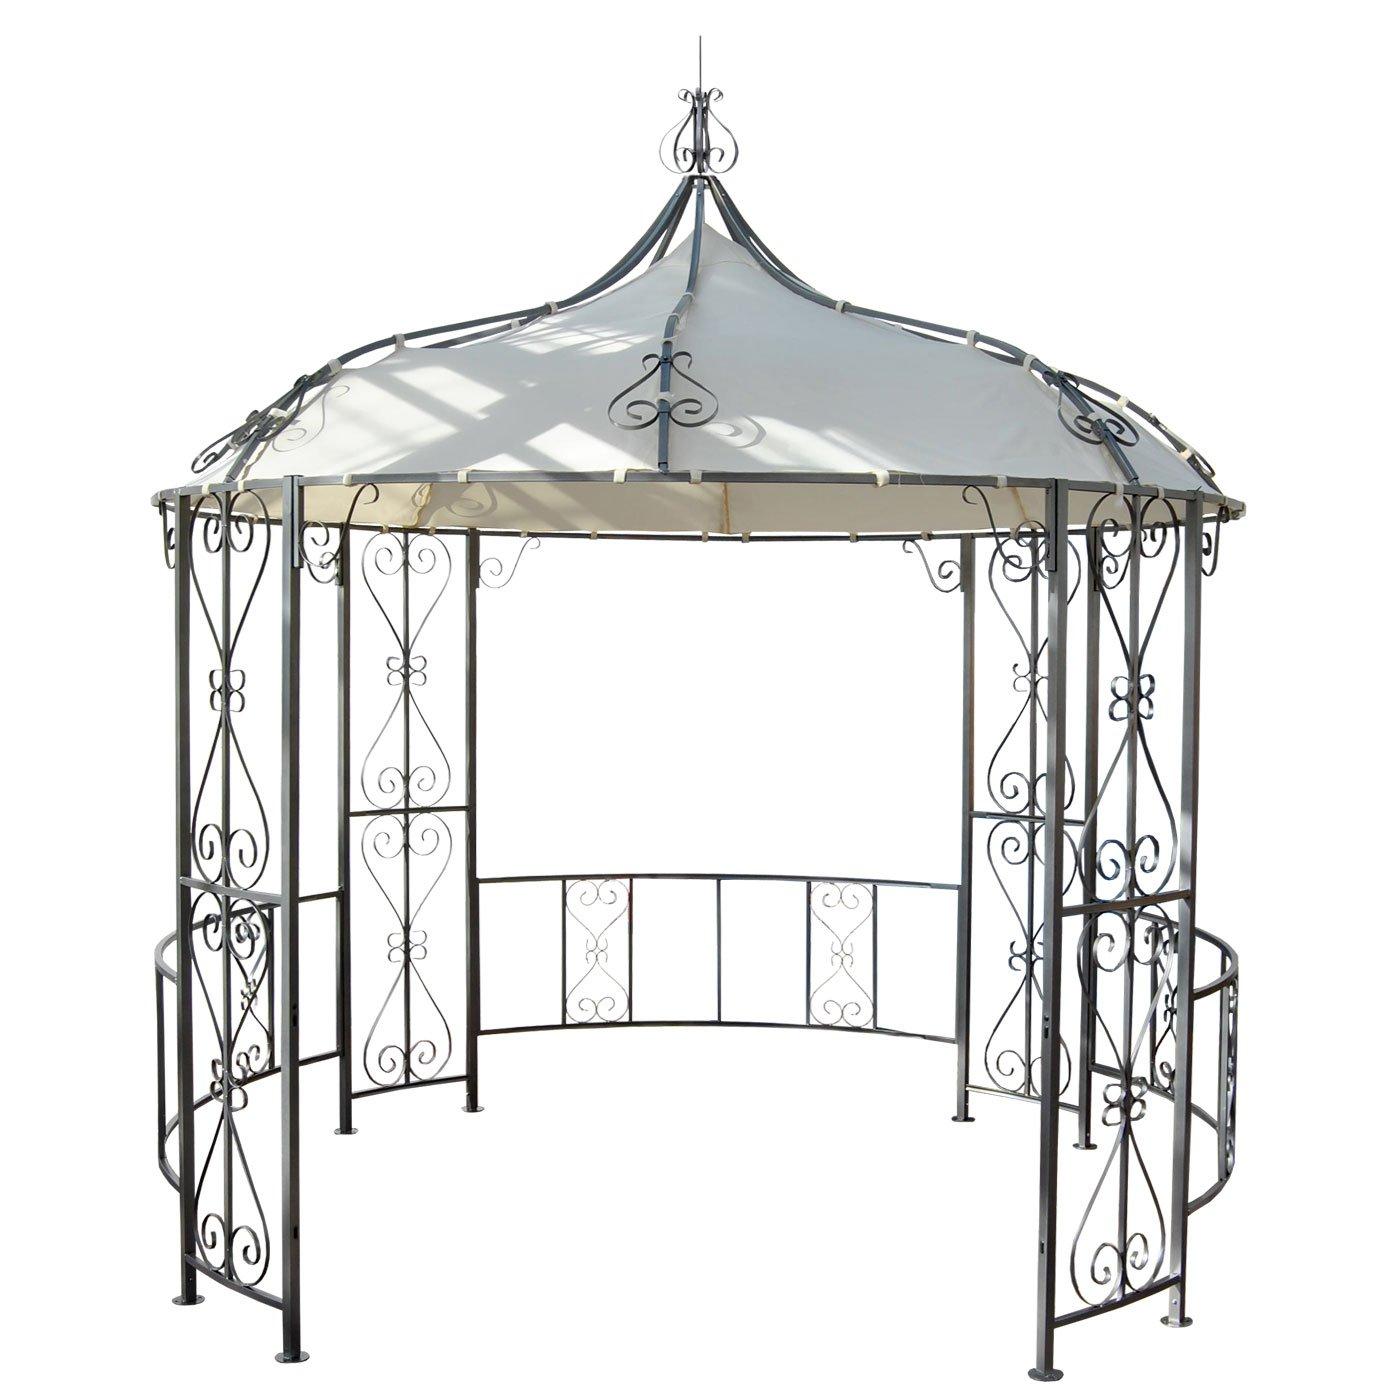 Pergola Almeria, Rundpavillon Garten Pavillon, stabiles Stahl-Gestell Ø 3m günstig online kaufen